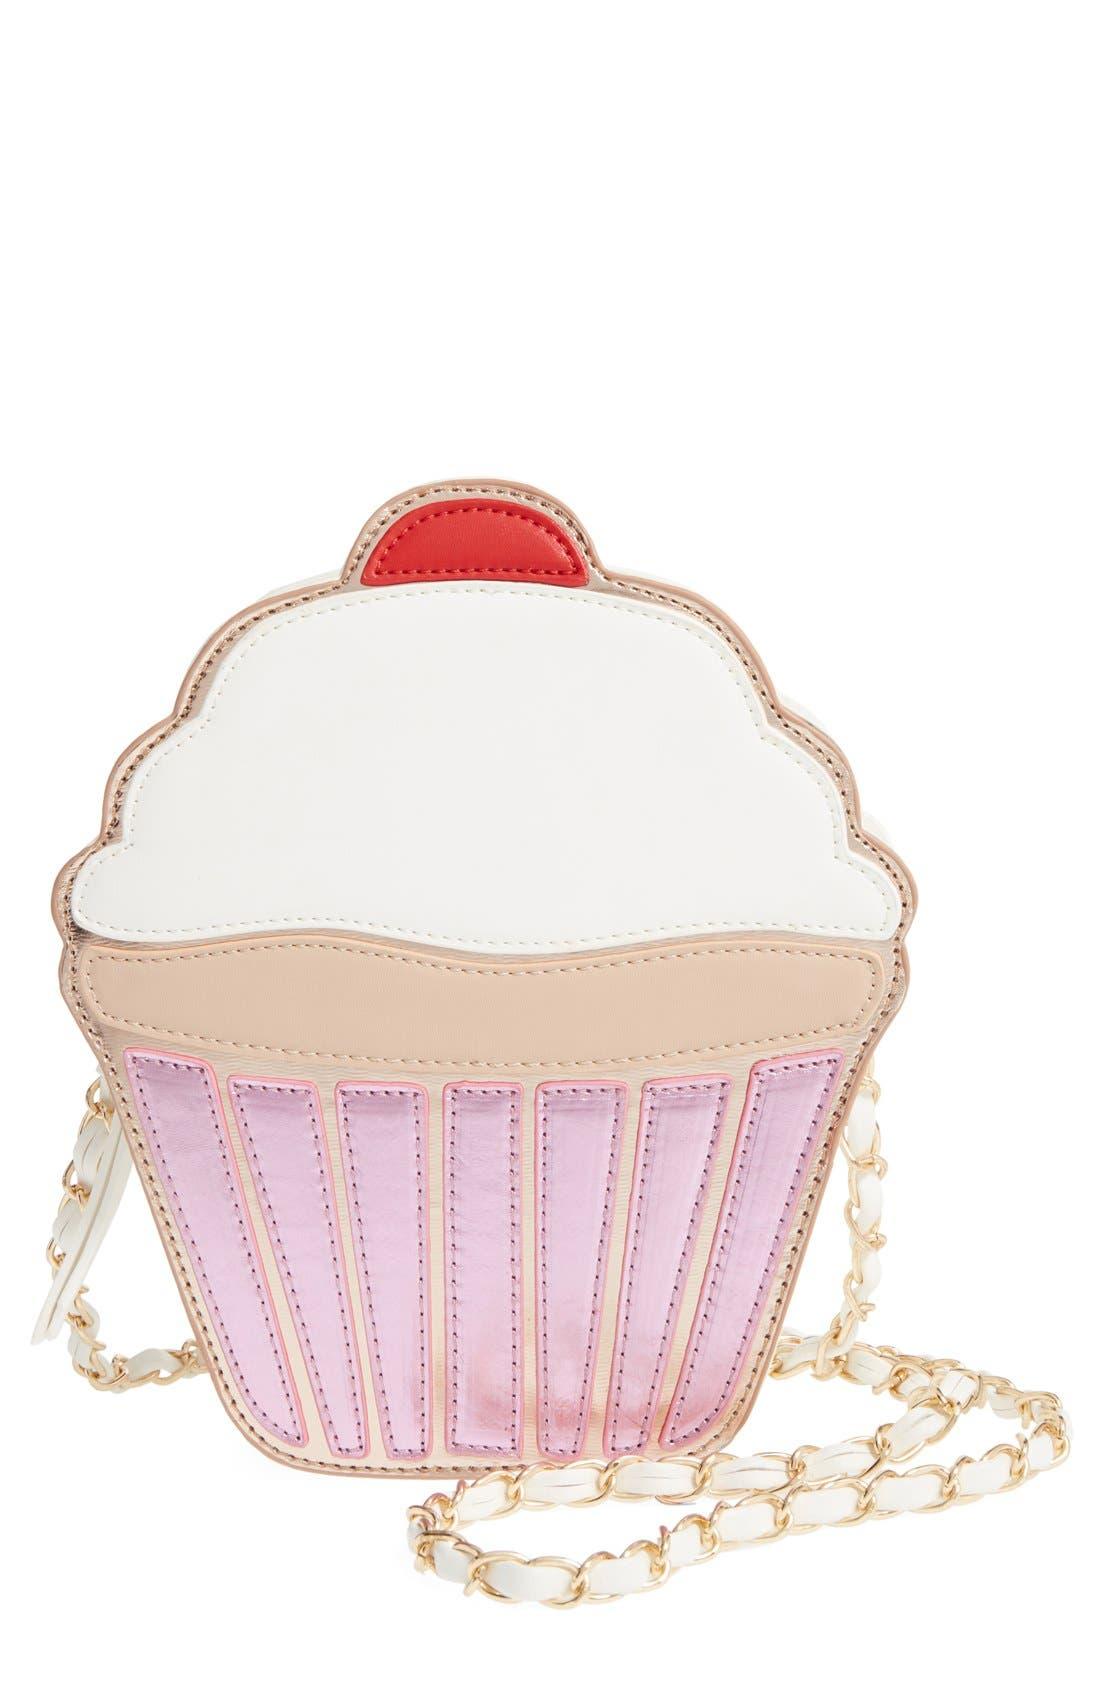 Alternate Image 1 Selected - Nila Anthony 'Cupcake' Faux Leather Crossbody Bag